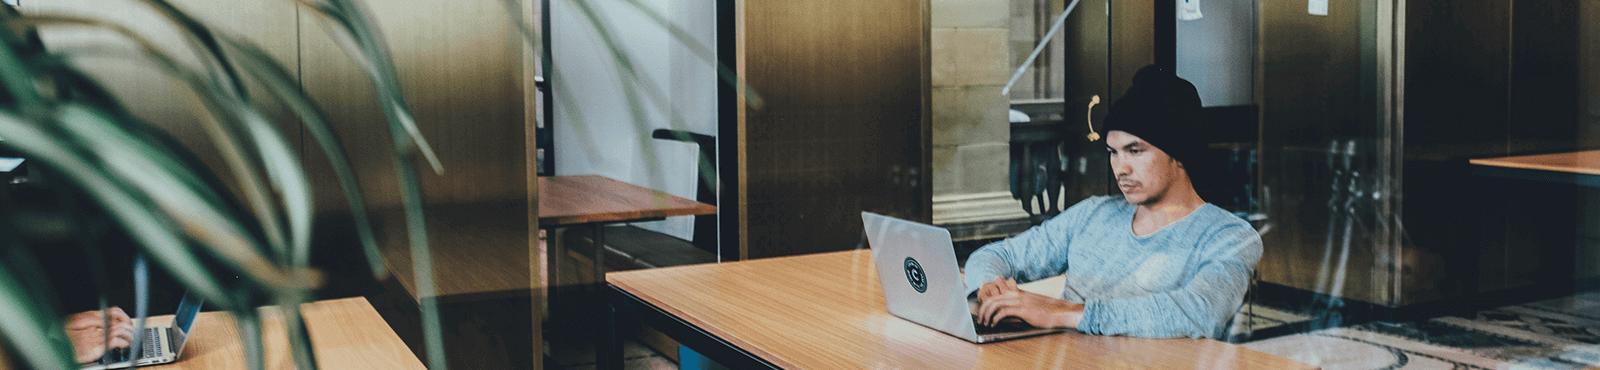 Mobiles Arbeiten - Ihr Büro immer da, wo Sie es brauchen